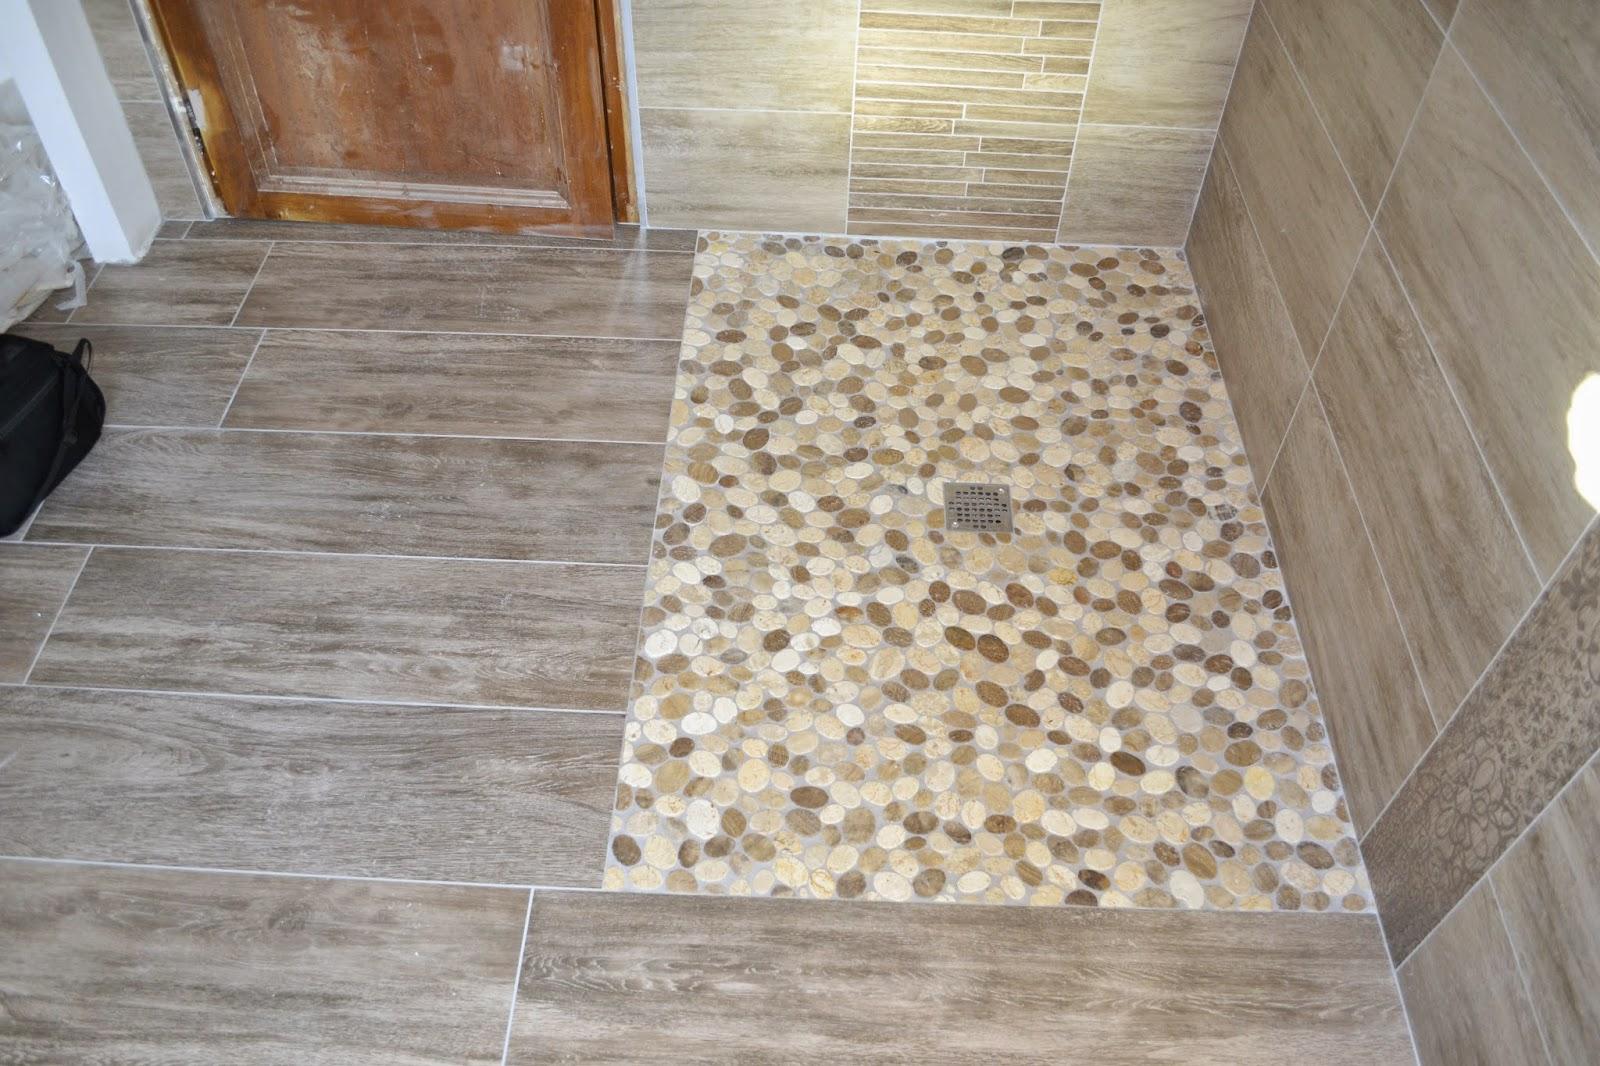 Salle de douche bain en imitation parquet 25x100 for Galet carrelage salle de bain